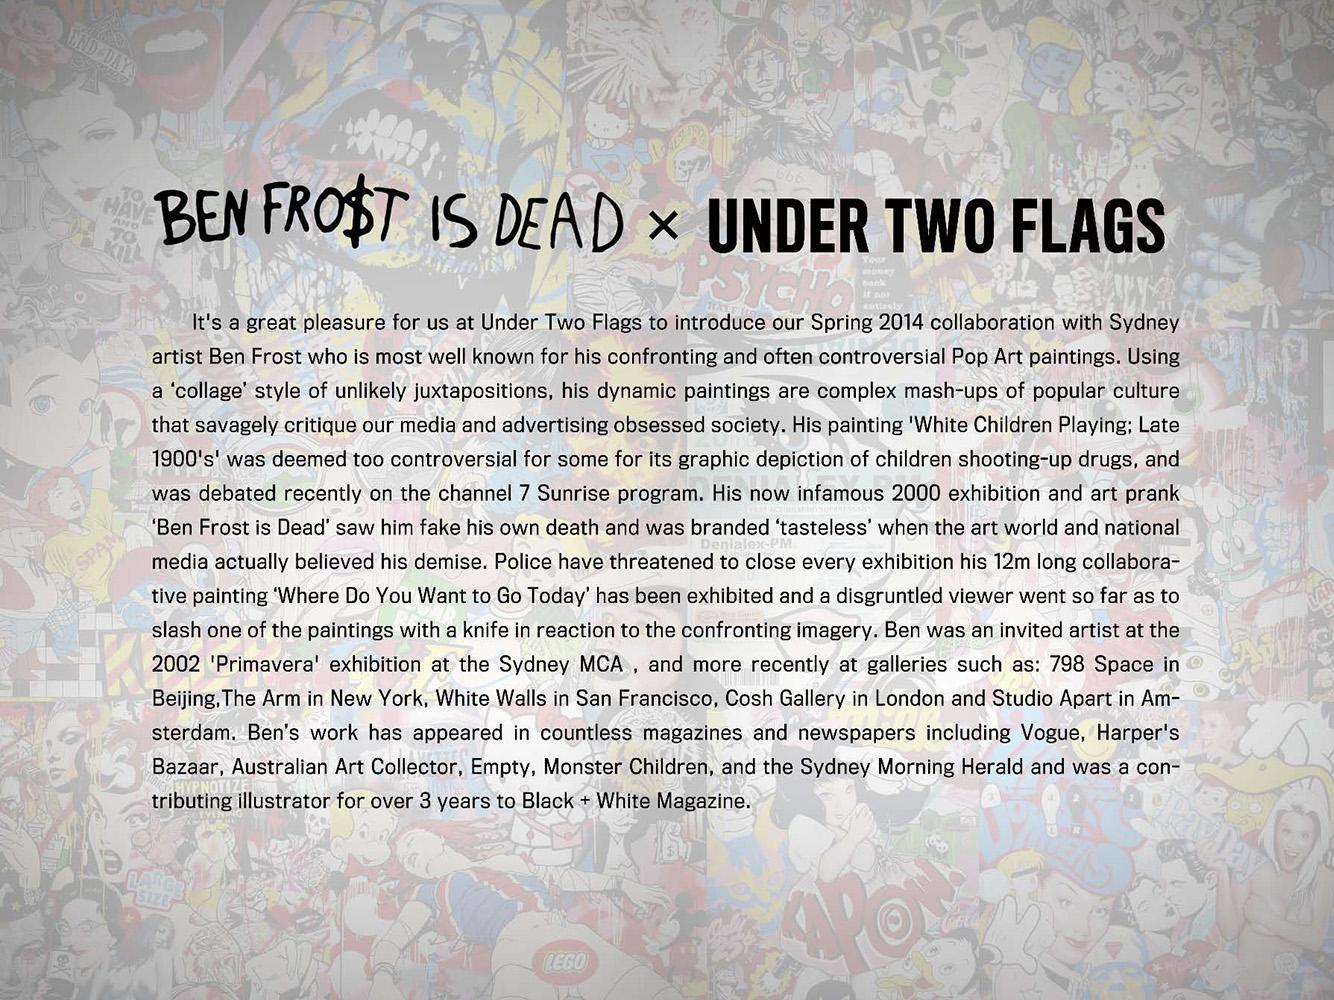 undertwoflags_book4_slide2.jpg